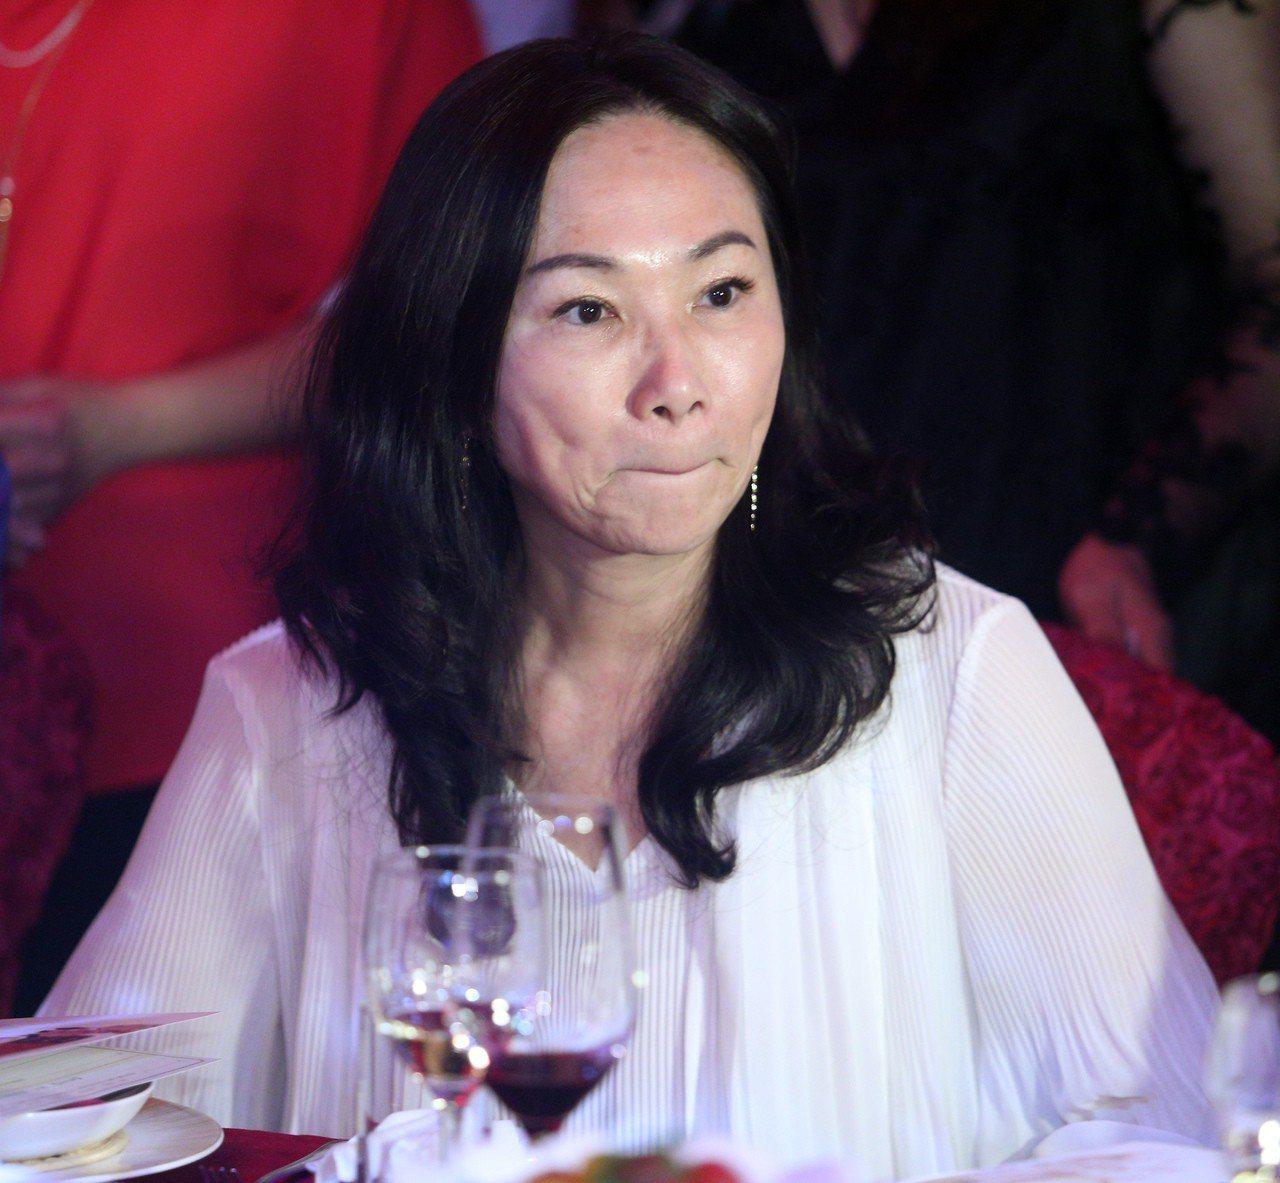 韓國瑜妻子李佳芬晚上表示,韓是光明磊落的人,「背後被開槍的感覺真的很不舒服」。記...